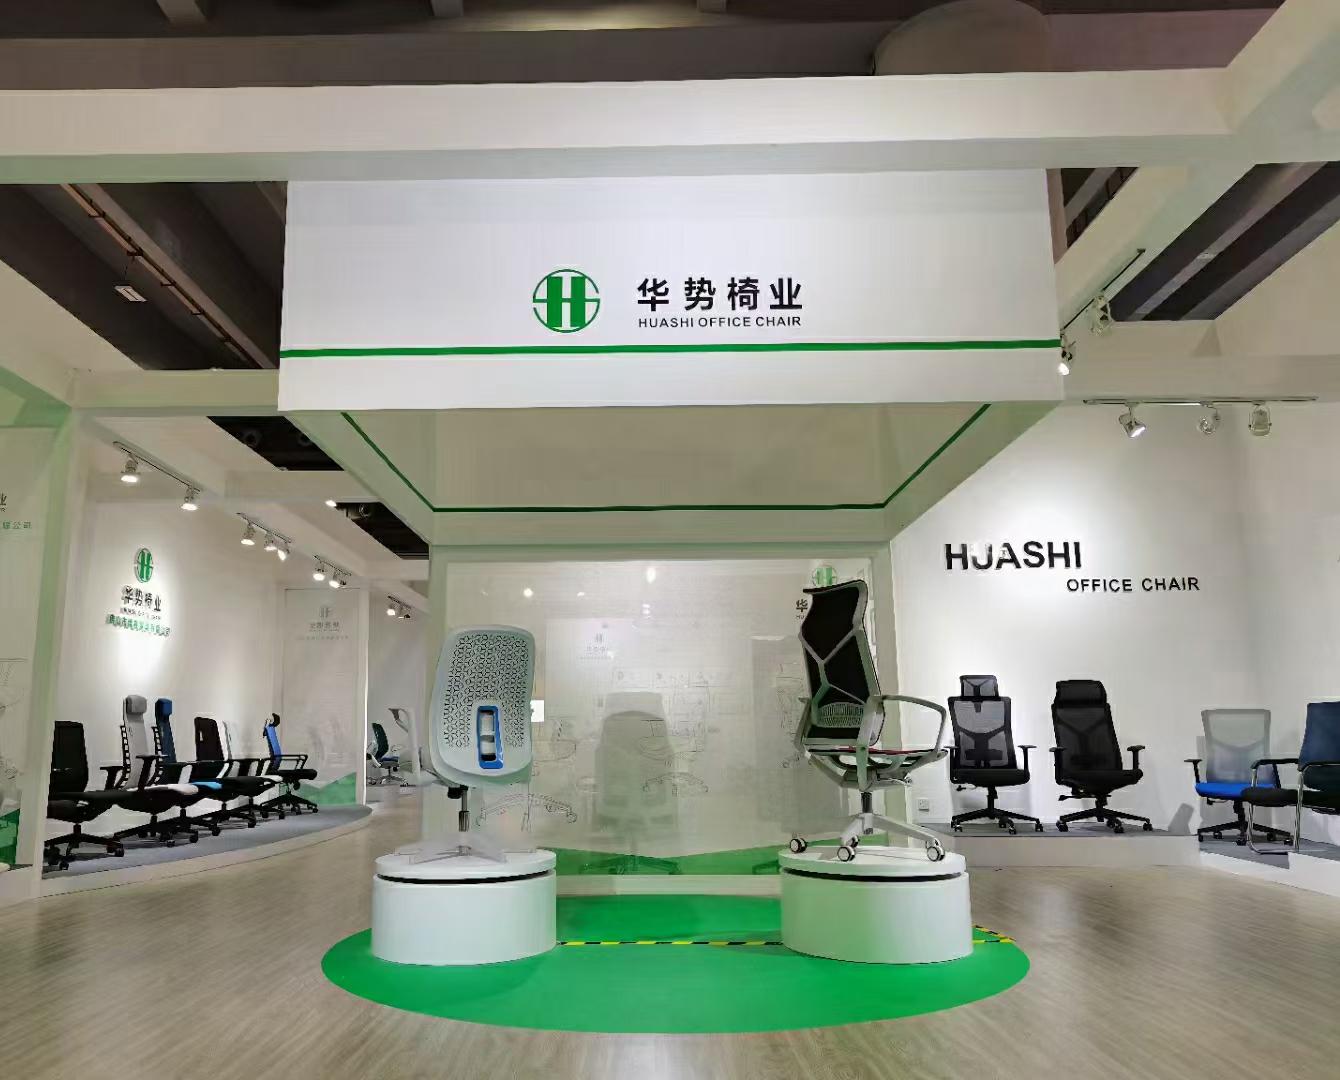 第47屆中國(廣州)國際家具博覽會 ——2021年